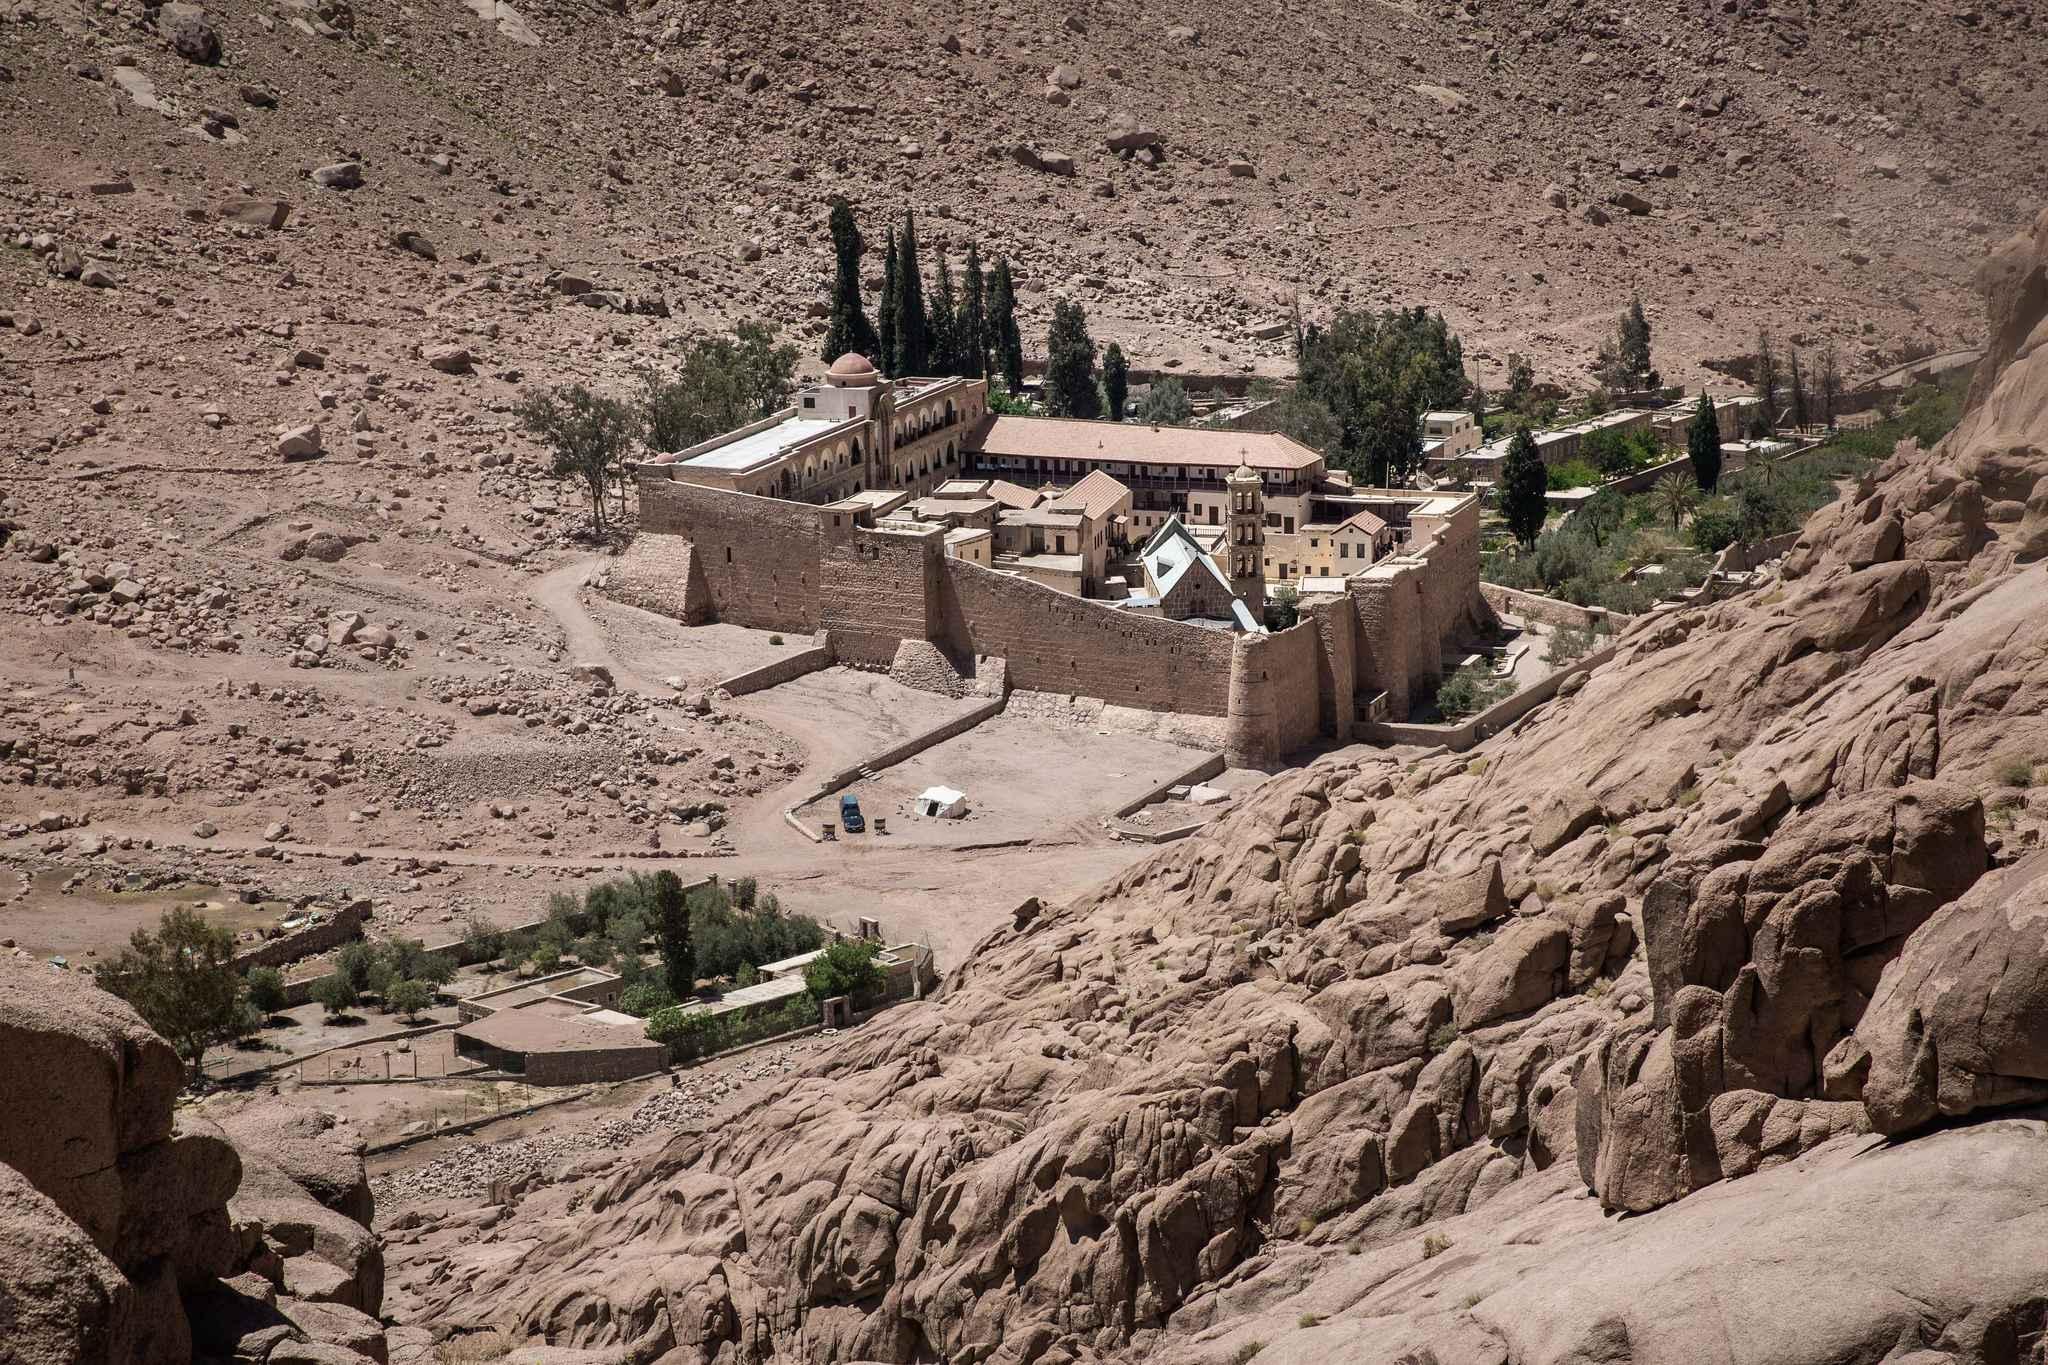 Égypte: Daech revendique l'assassinat d'un policier près du monastère de Sainte Catherine